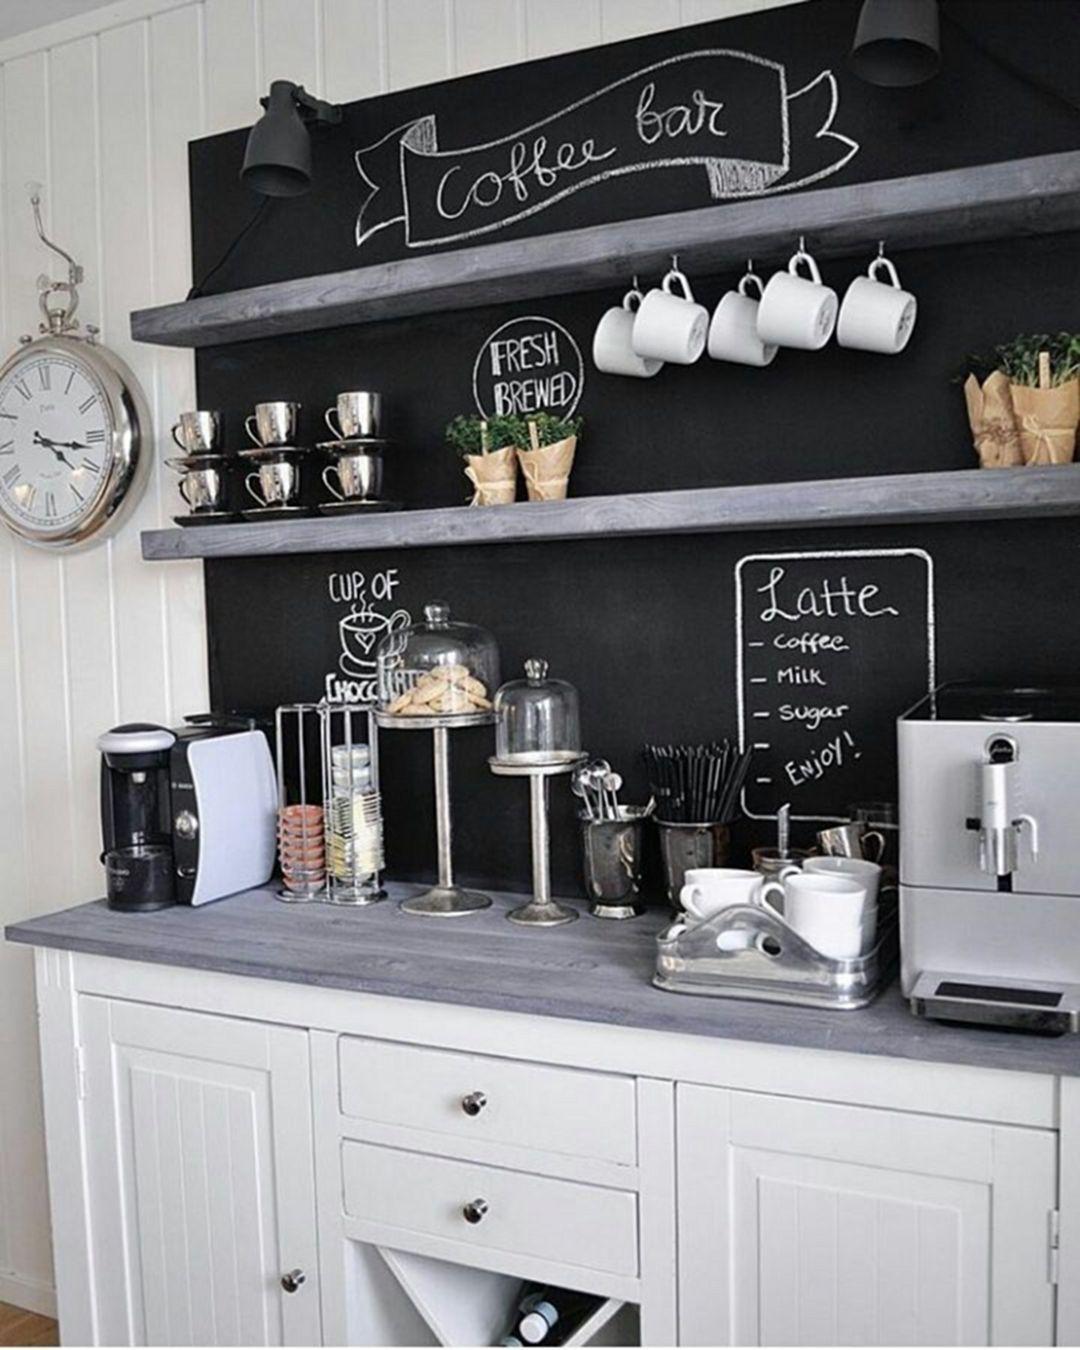 Elegant Home Coffee Bar Design And Decor Ideas 14620